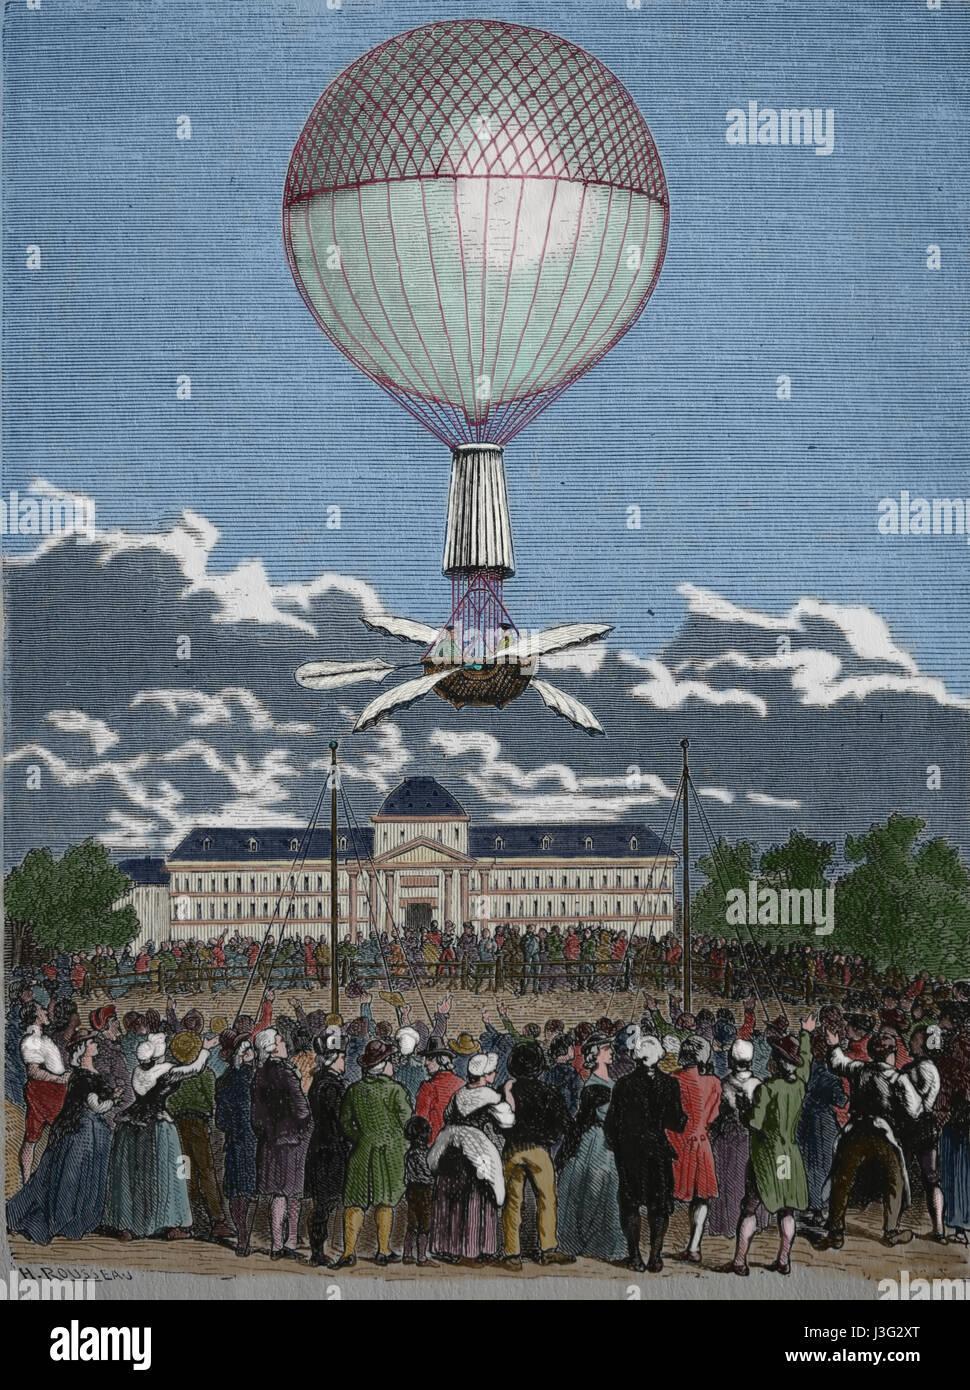 Die erste erfolgreiche Ballonfahrt von Jean-Pierre Francois Flanchard (1753-1809). Wasserstoff-Gas-Lauched aus dem Champ de Mars, Paris, Frankreich, 2. März Stockfoto